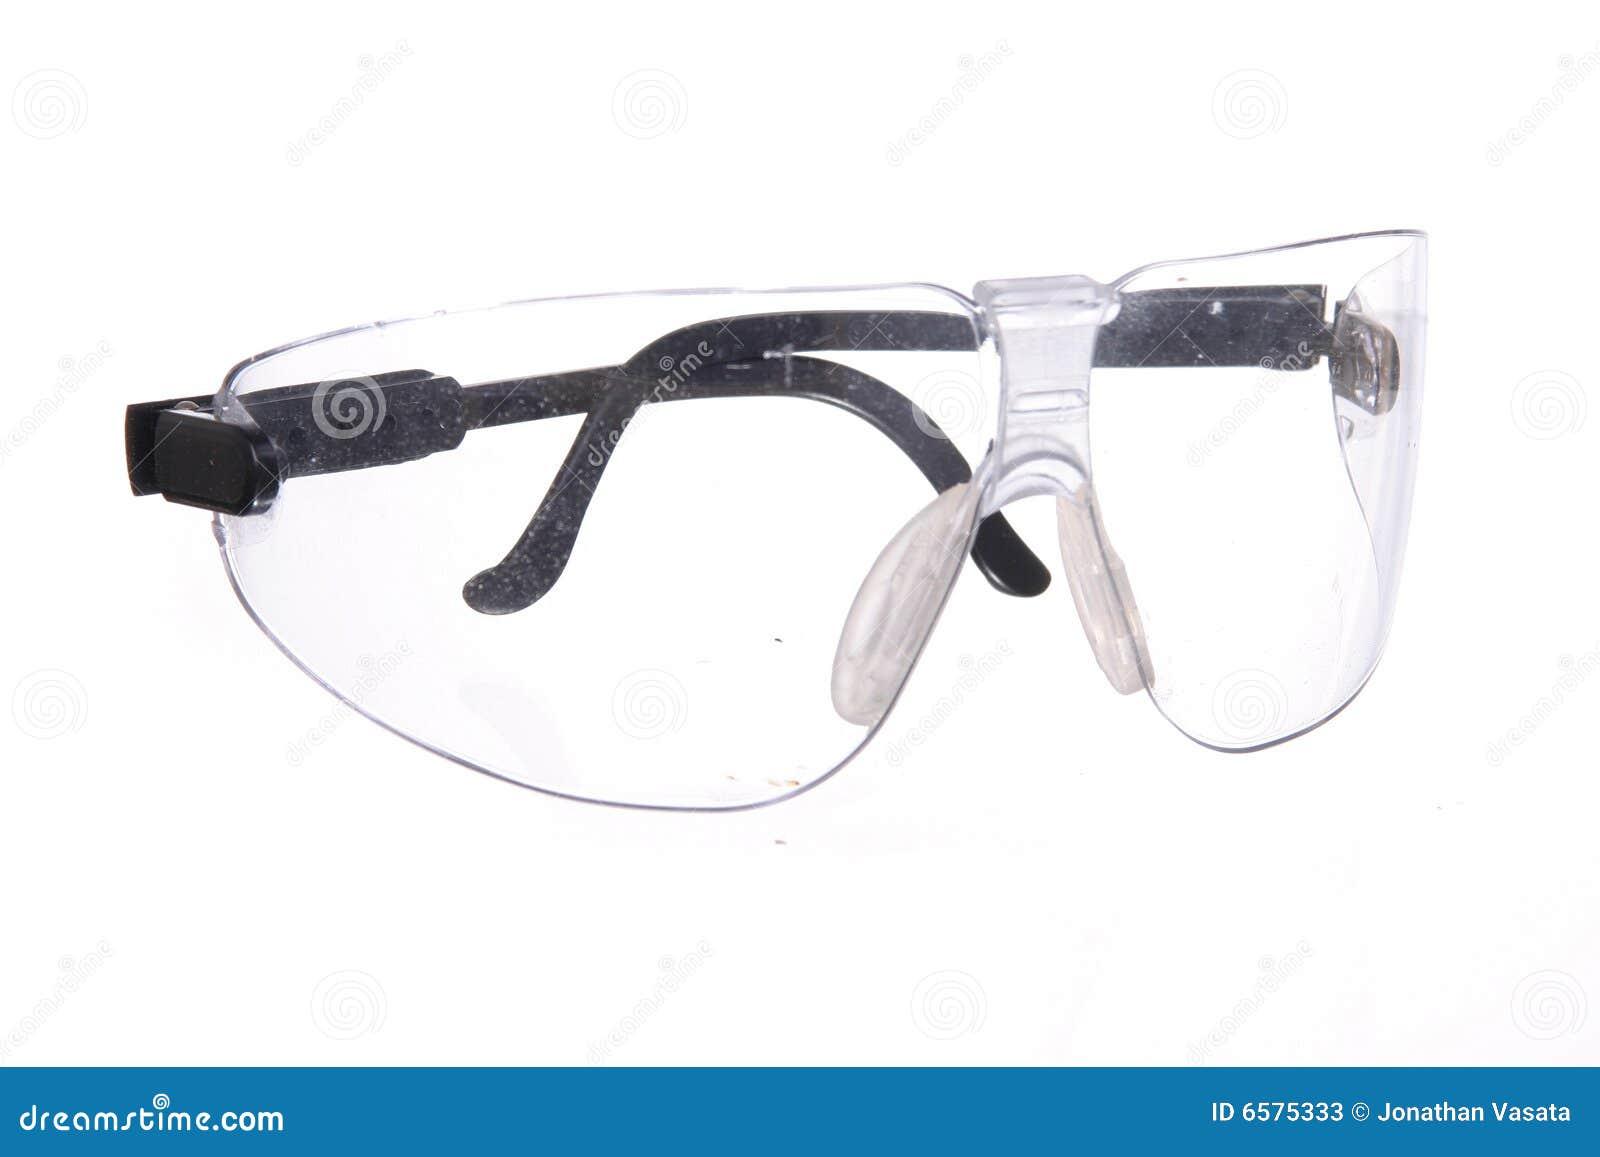 b674377e Gafas de seguridad imagen de archivo. Imagen de protección - 6575333